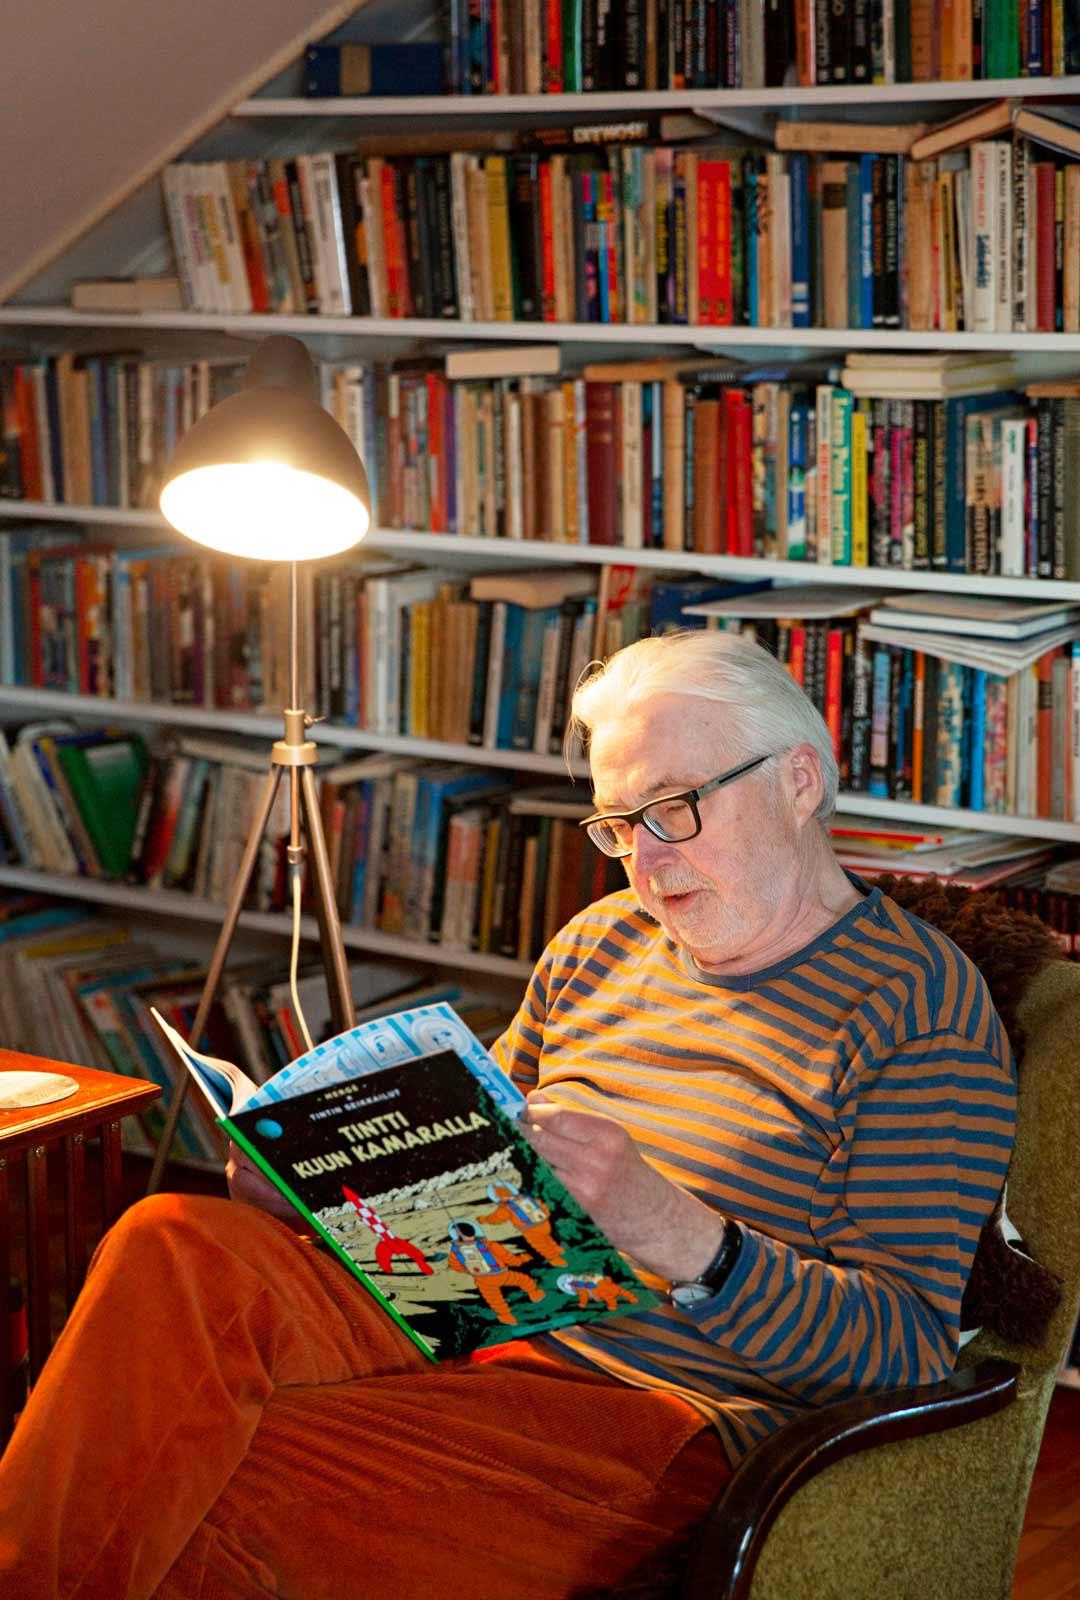 Yläkerrassa Markku Haapio lukee iltaisin romaaneja ja sarjakuvia.